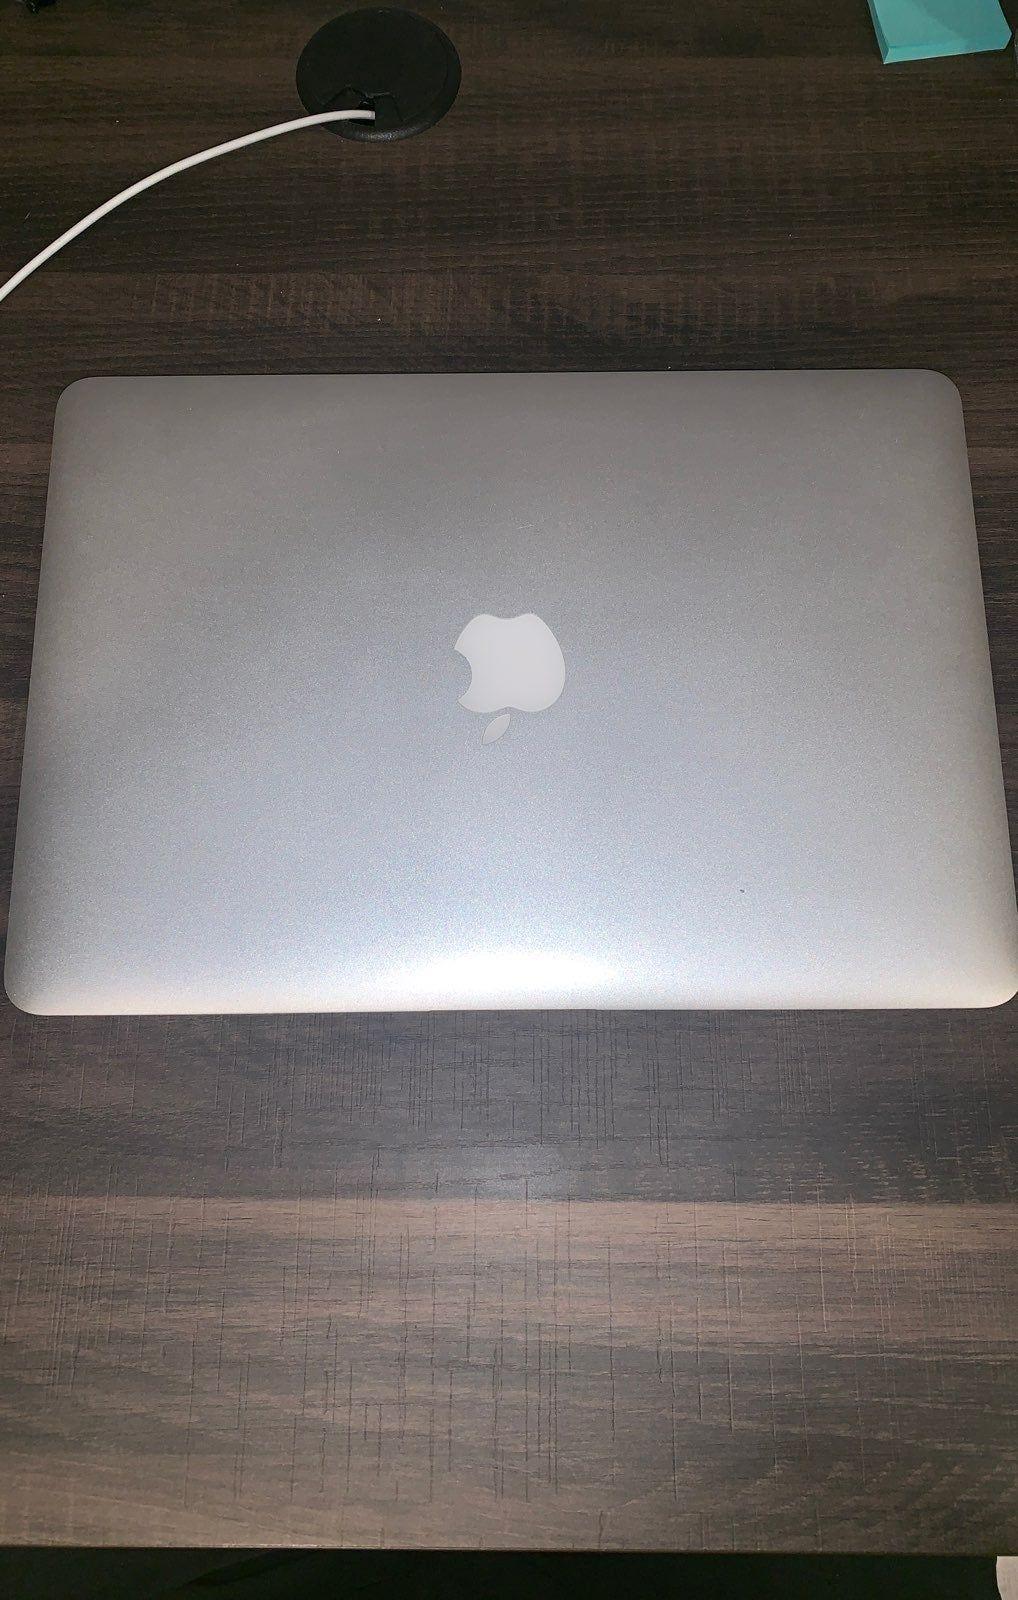 Pin On Apple